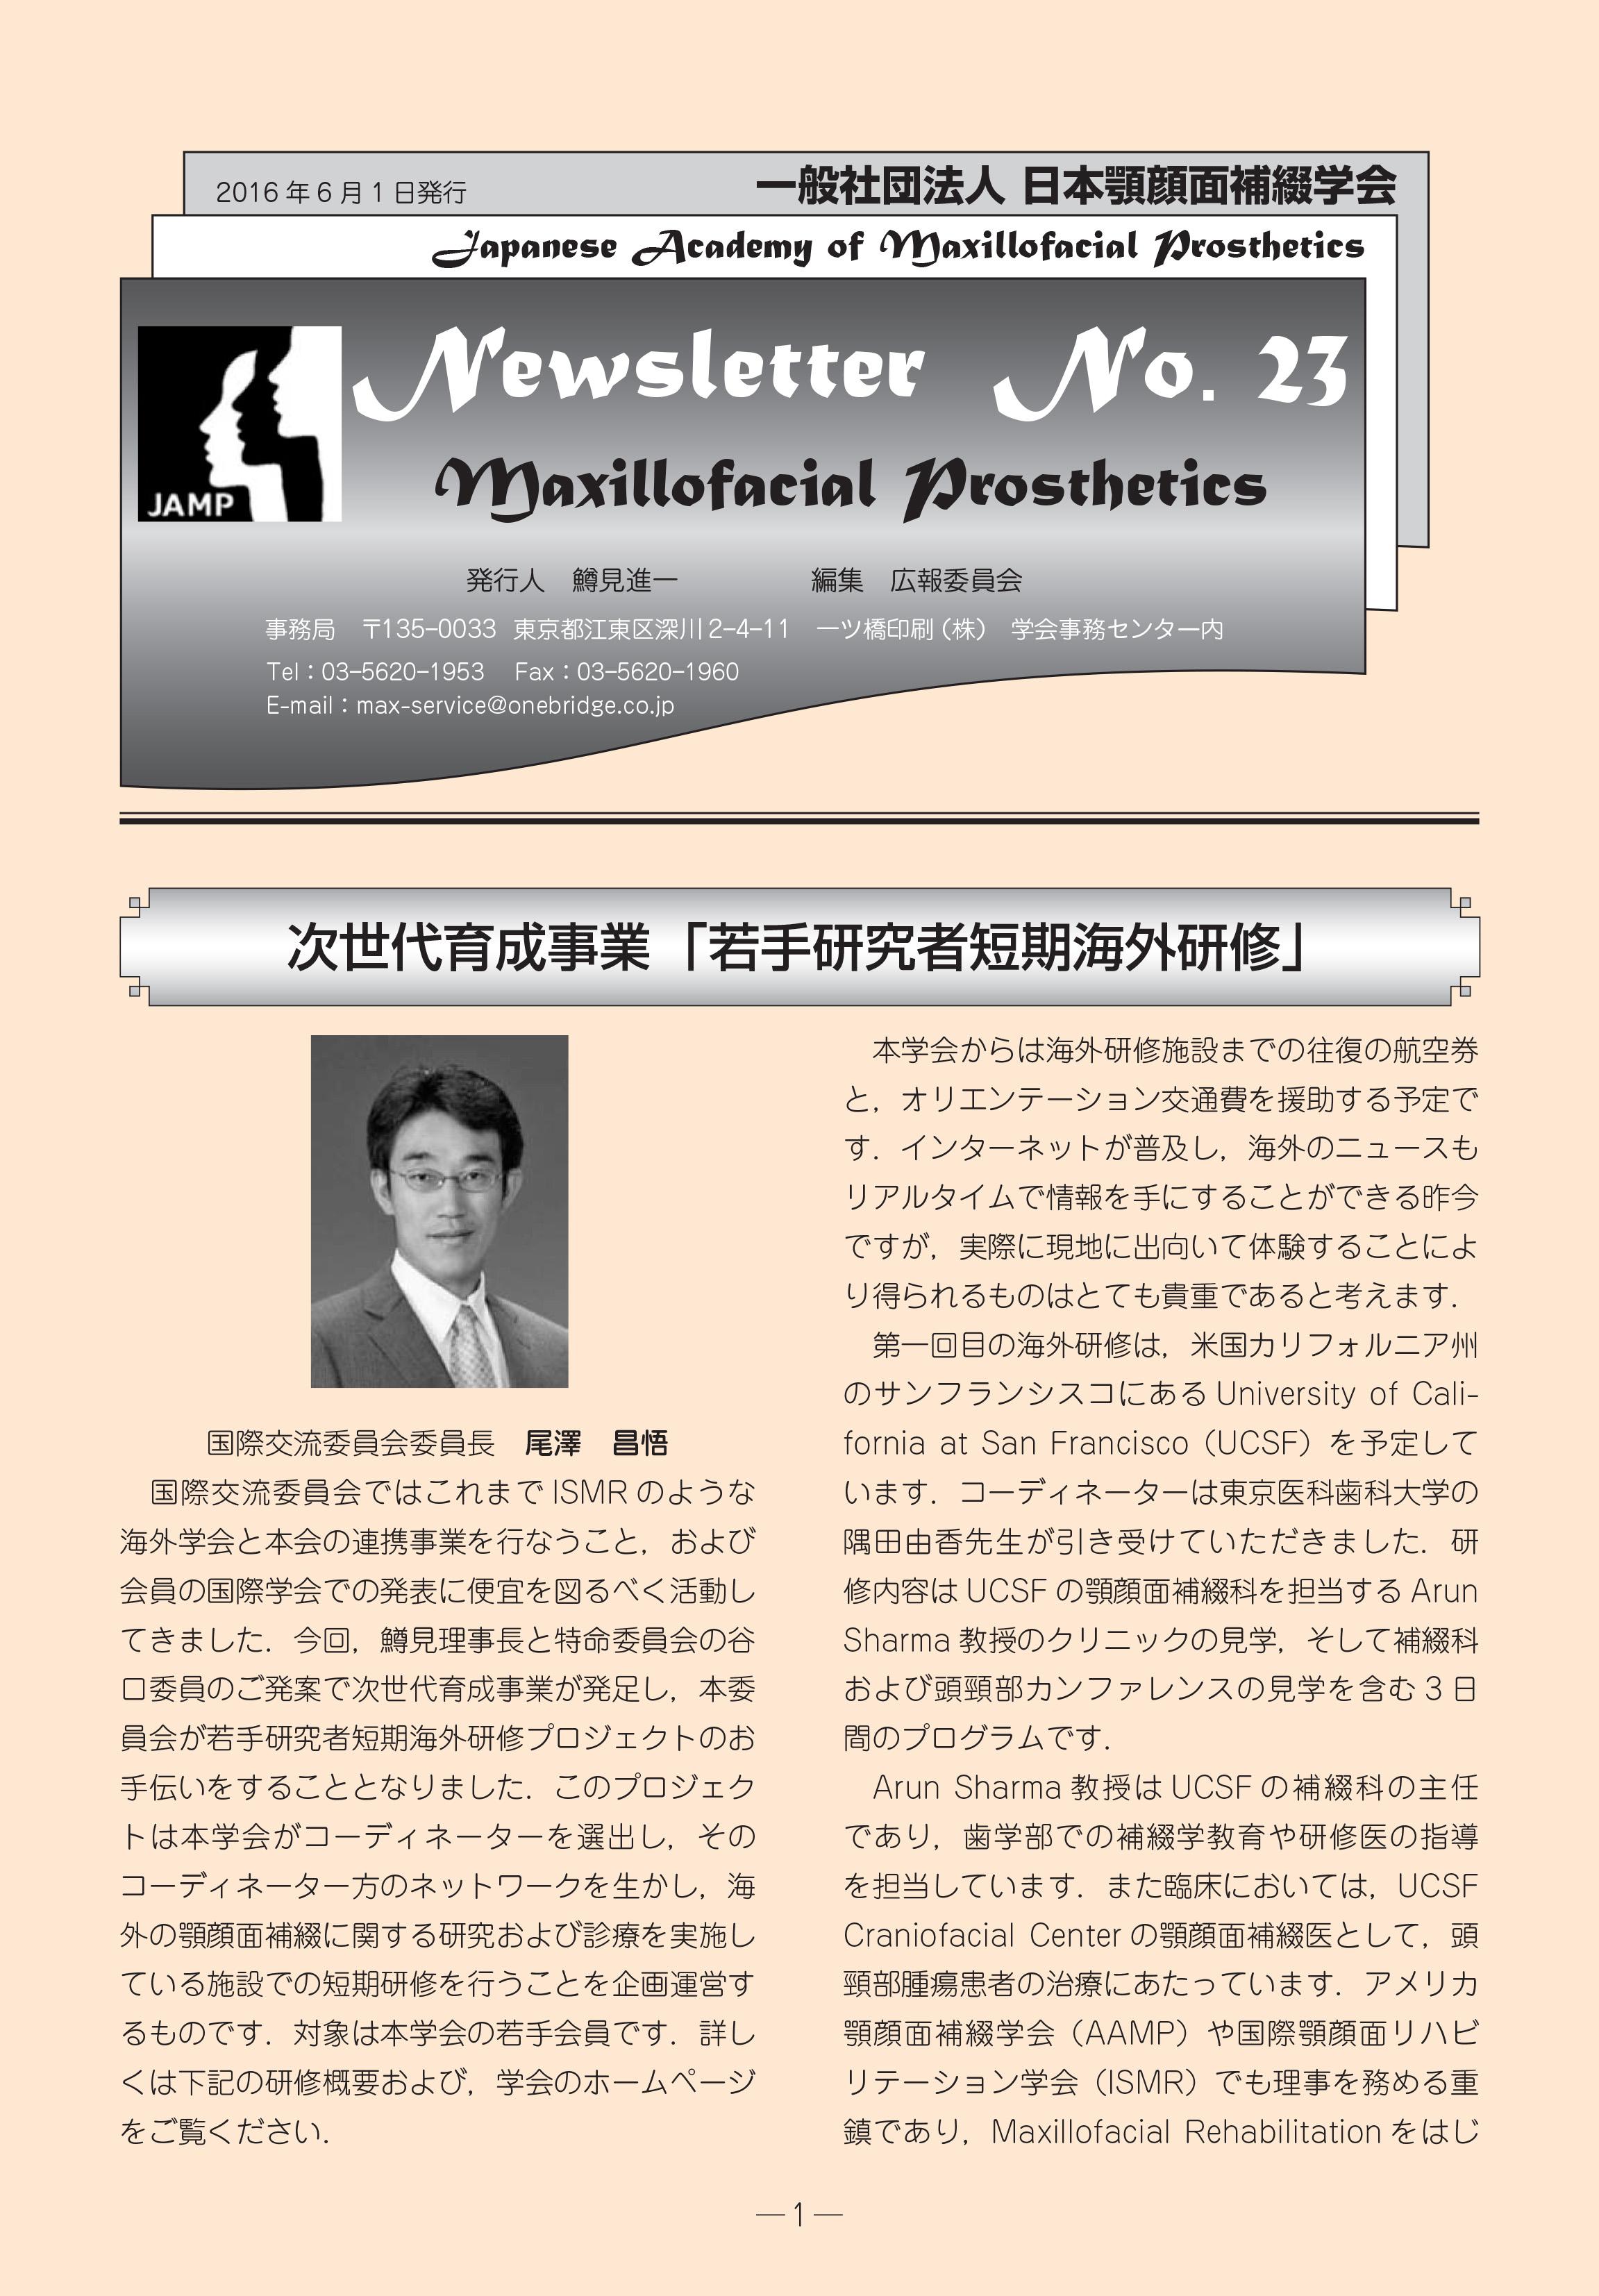 ニュースレター No.23